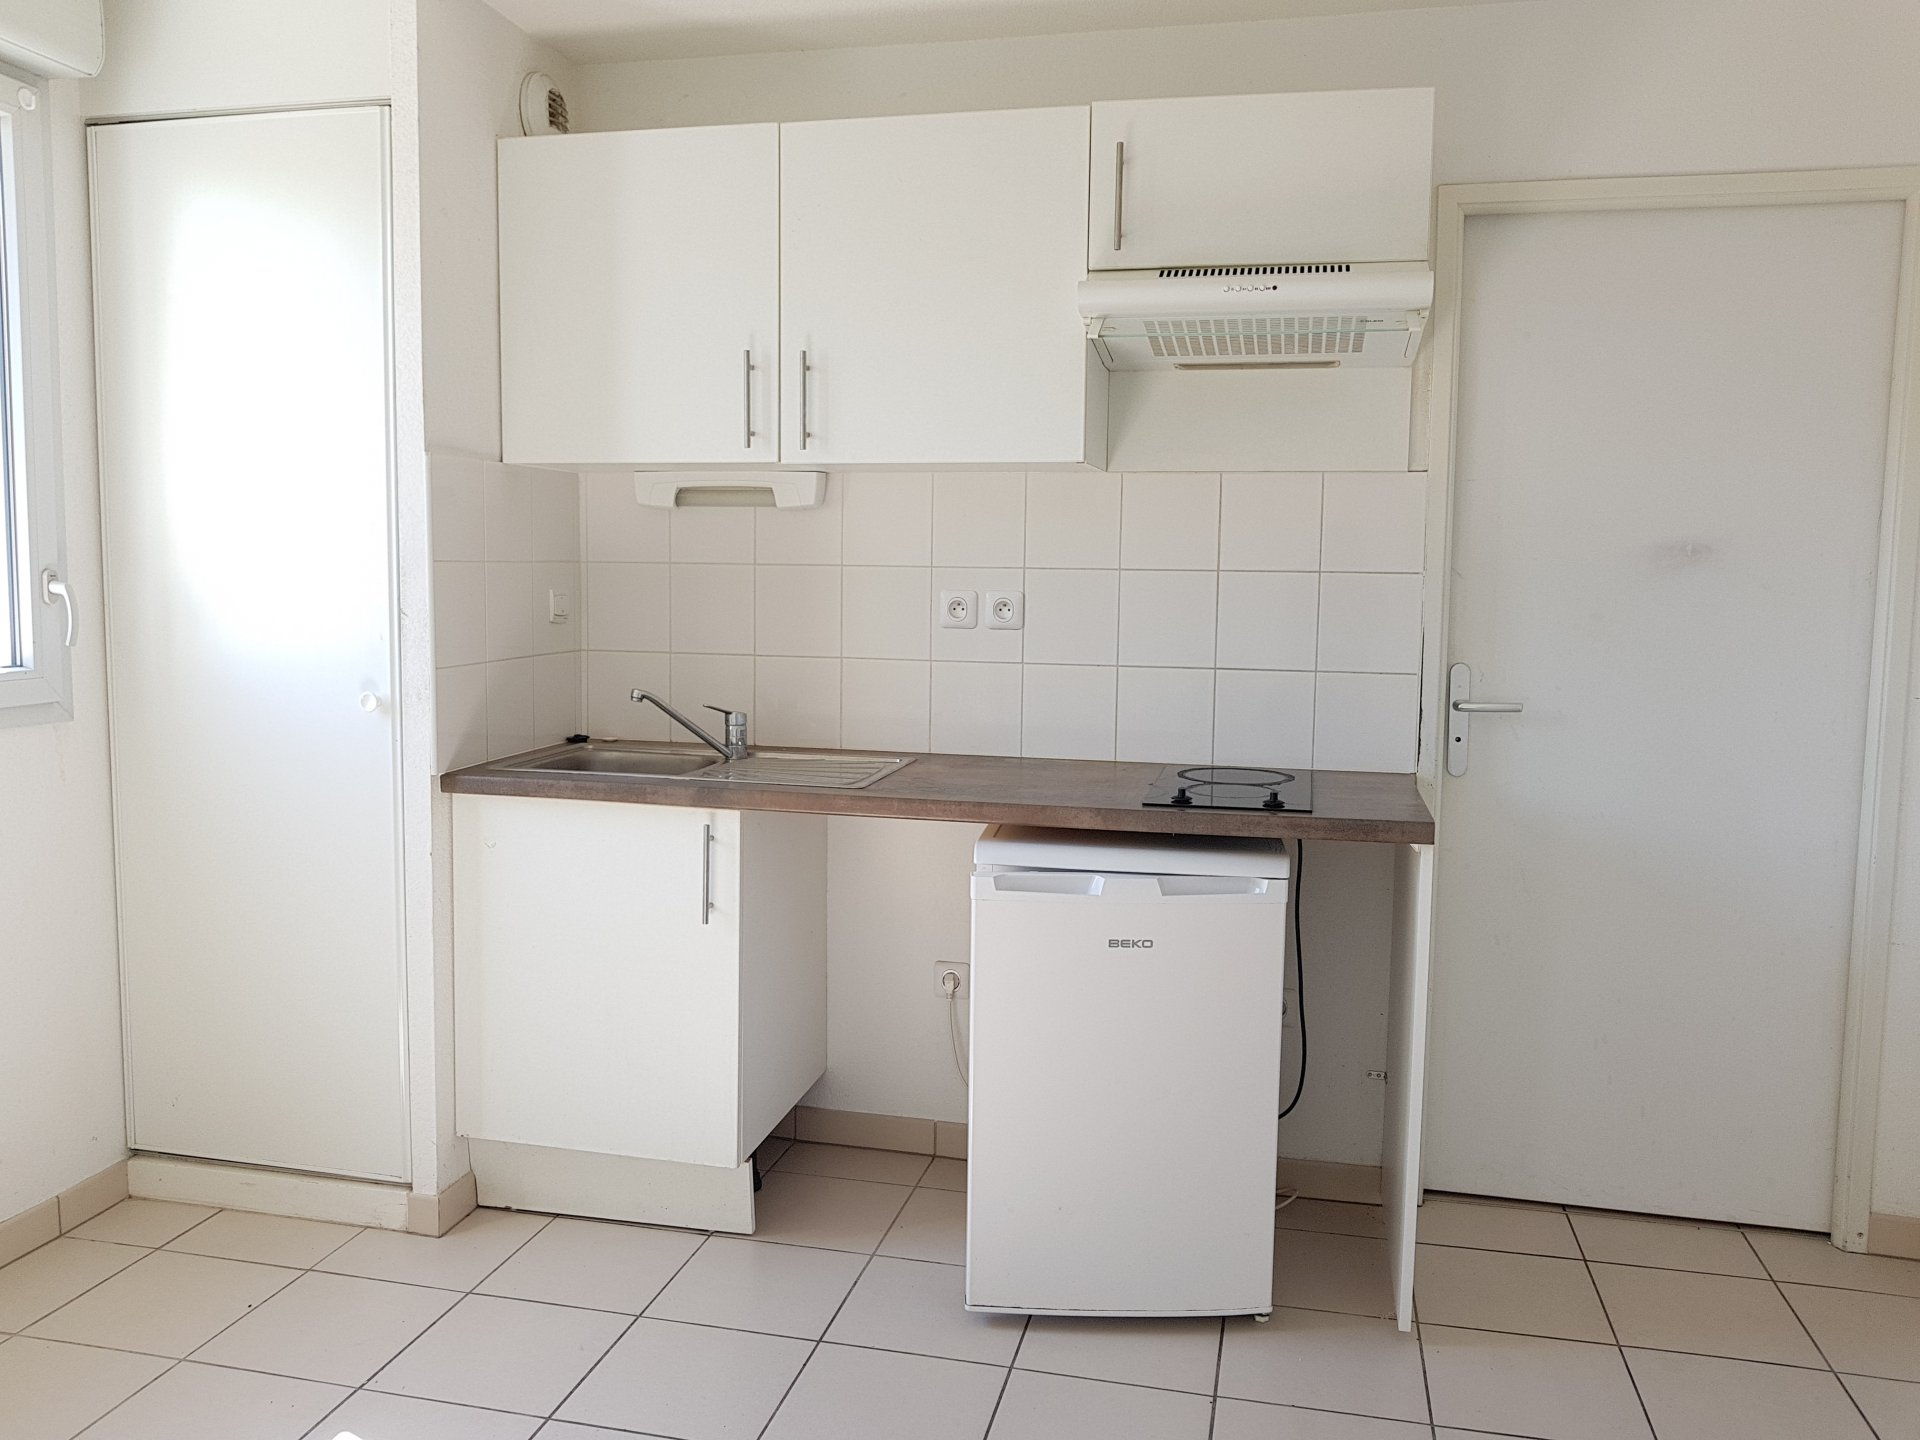 Appartement T1 - 30 m² - TOULOUSE TROIS COCUS